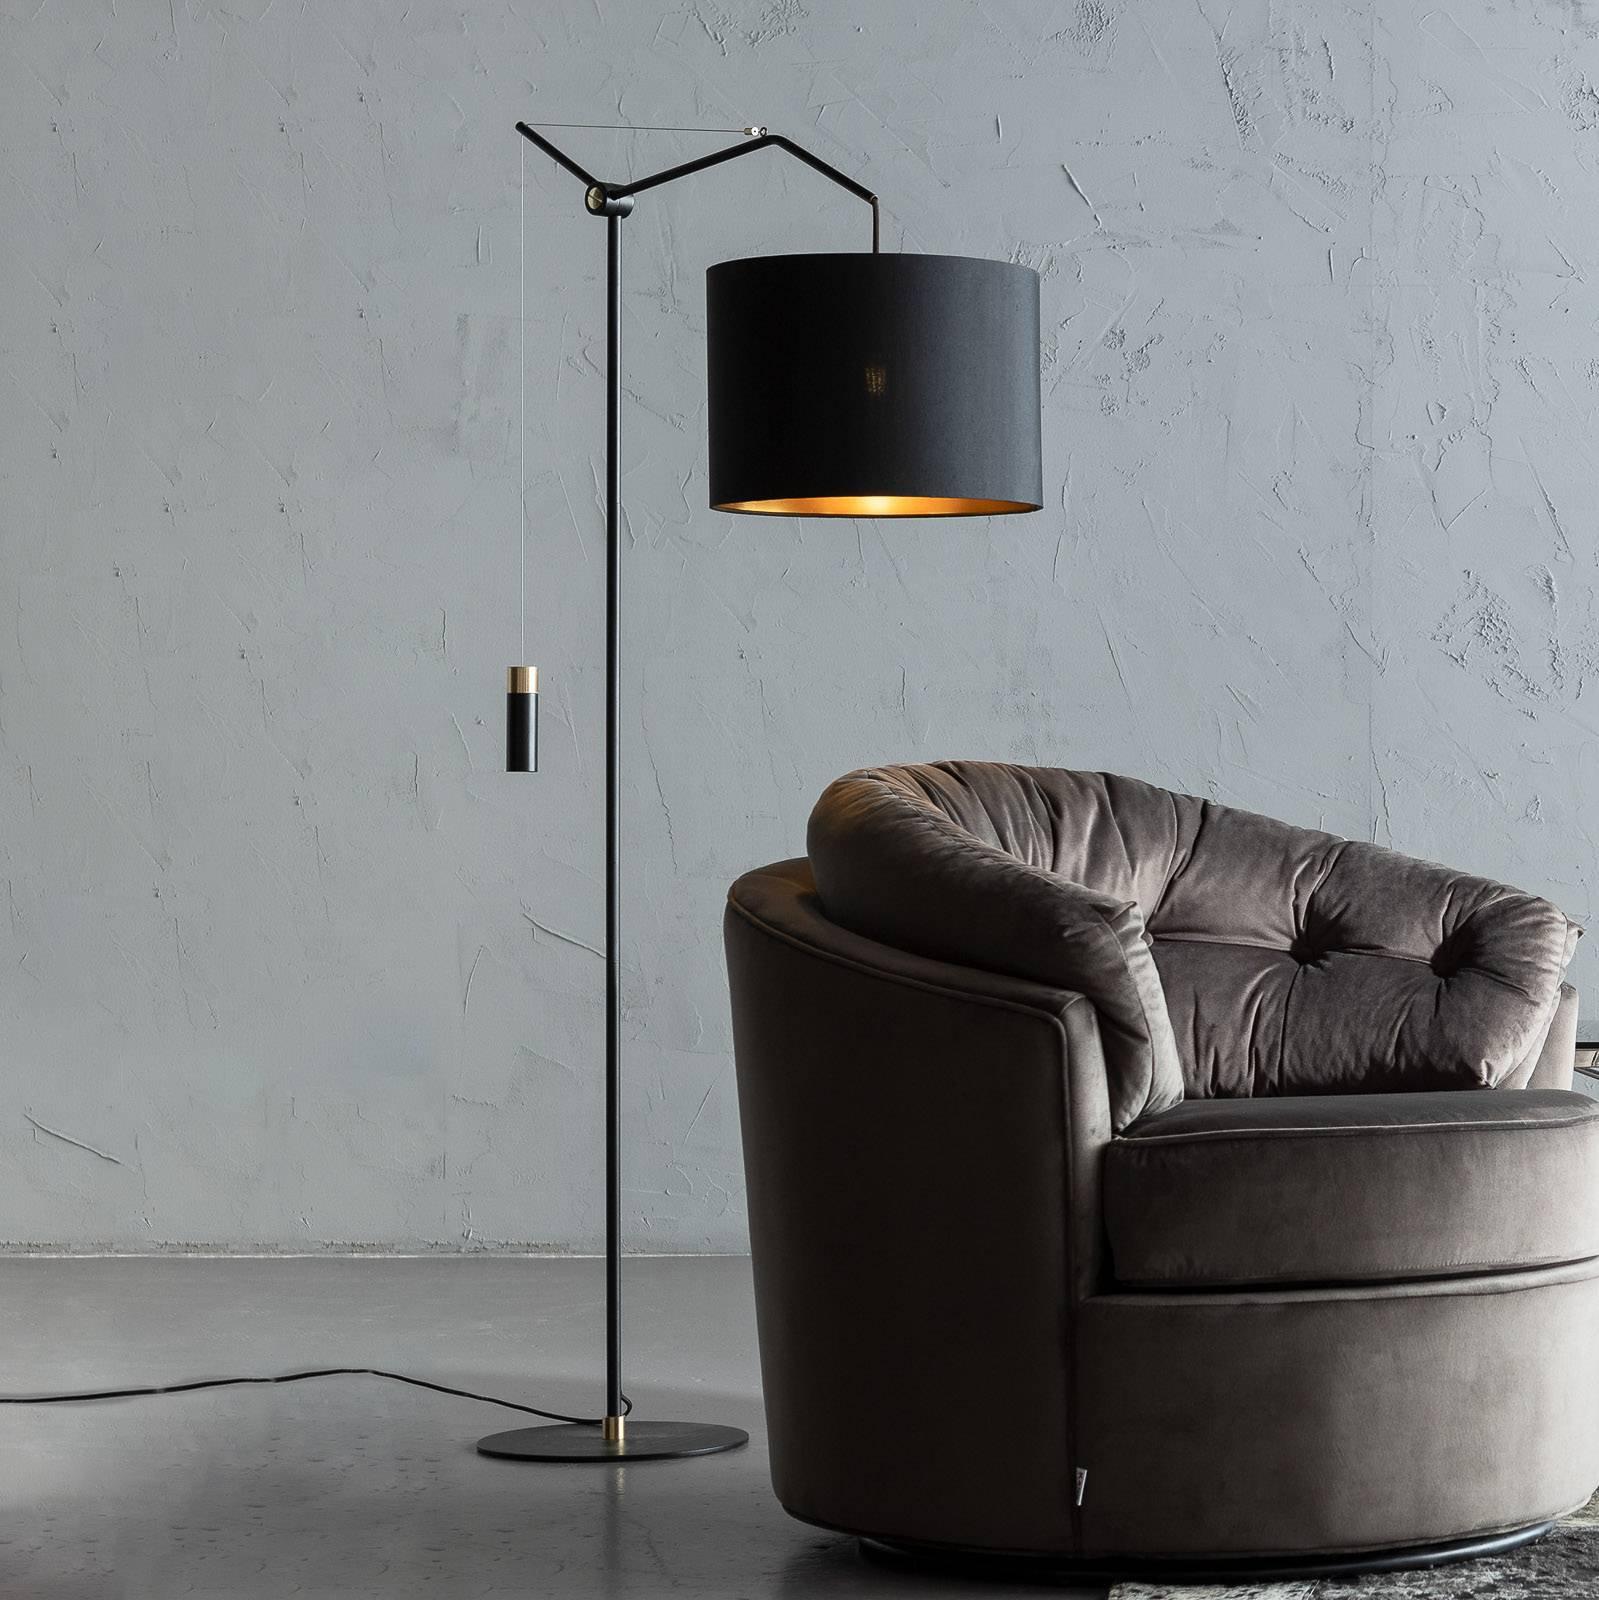 KARE Salotto gulvlampe, høydejusterbar